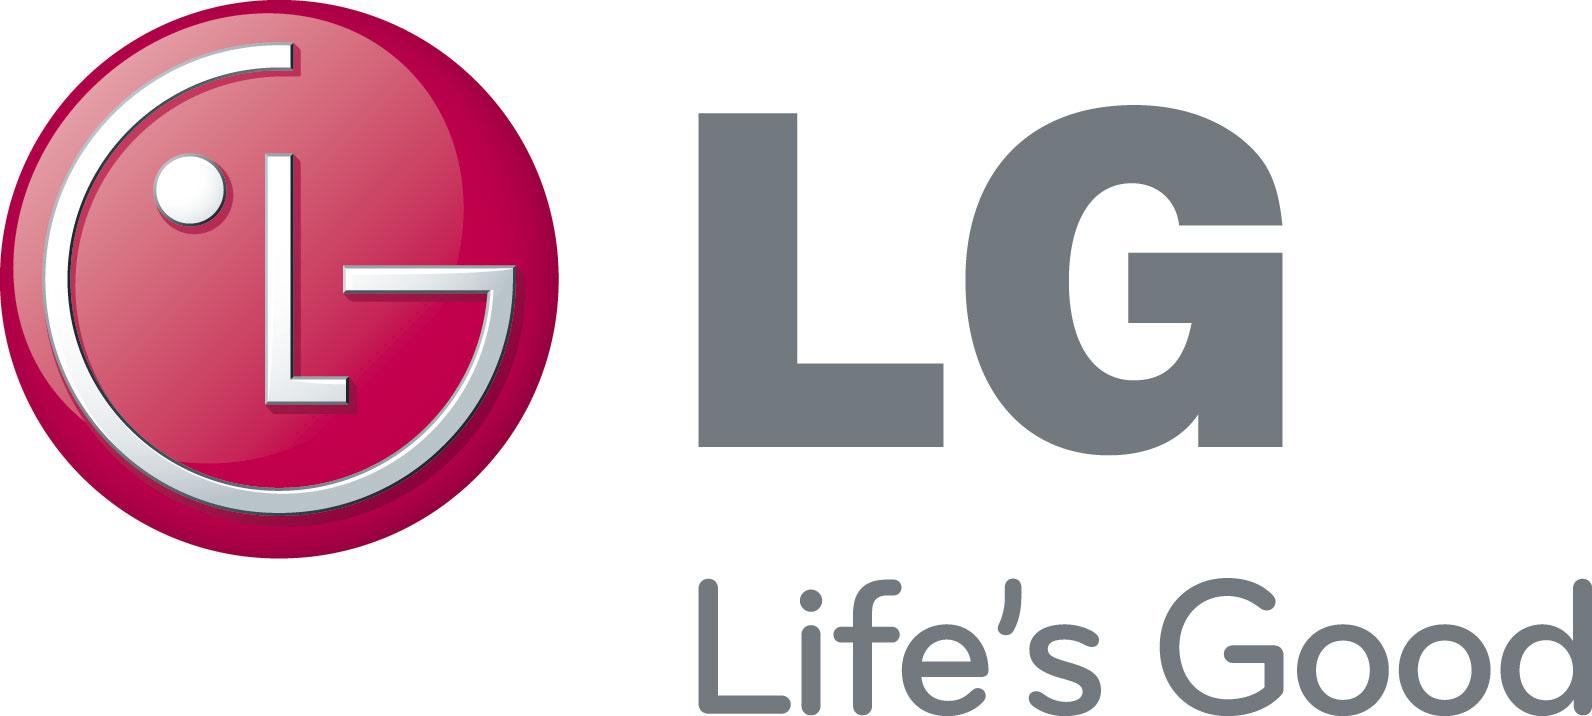 Kommendes Smartphone-Flaggschiff von LG mit hauseigenem Achtkern-Prozessor & QHD-Display